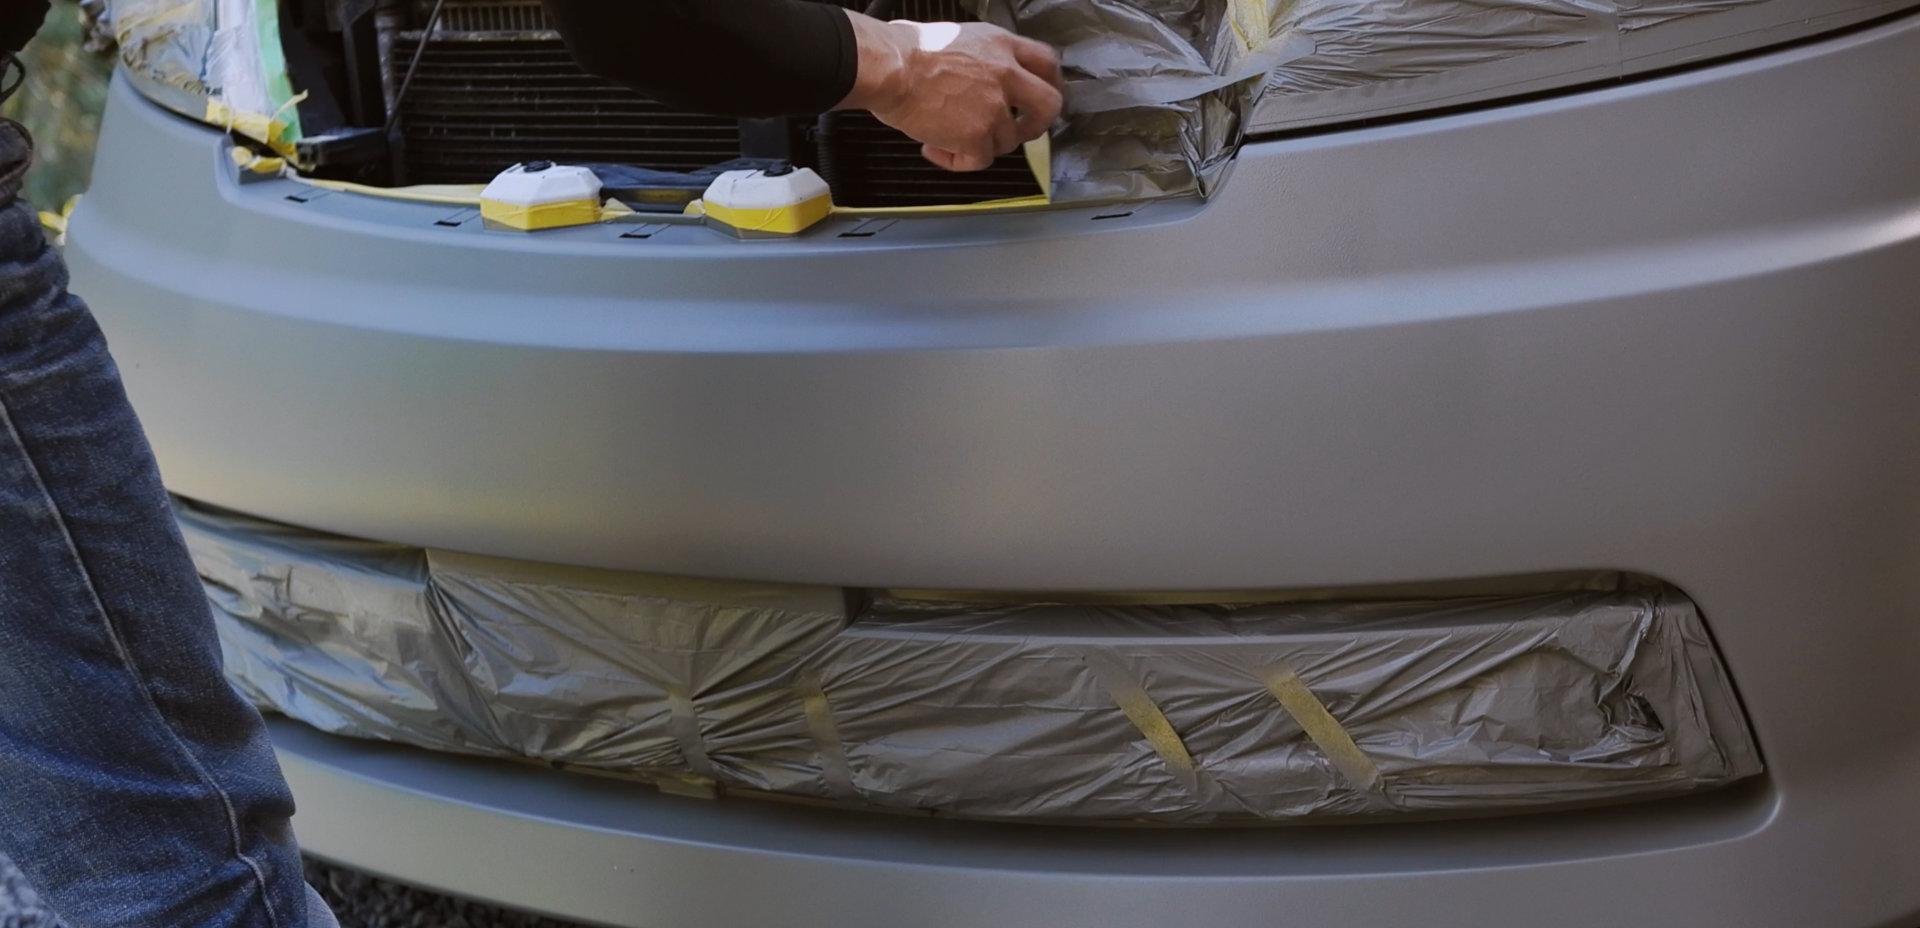 セレナをDIY全塗装 仕上げ|車塗装